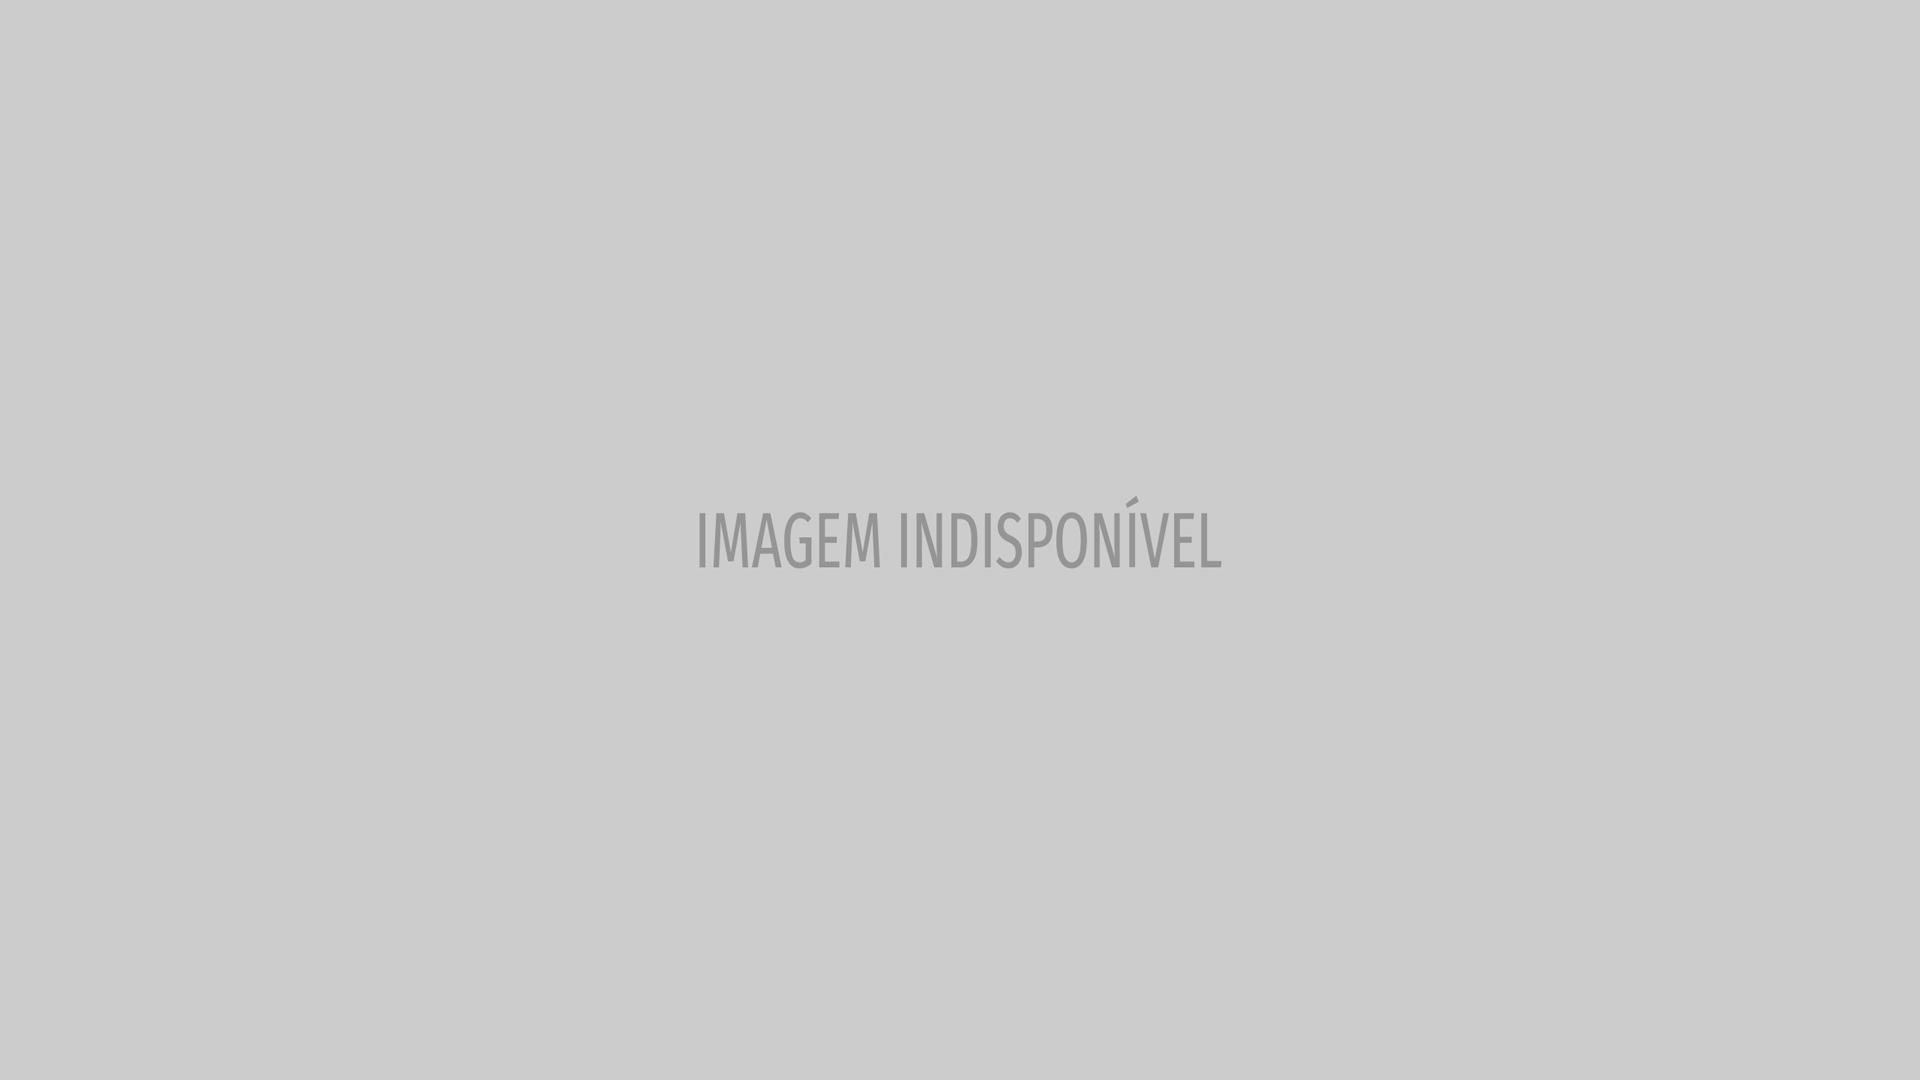 Nova foto: Jessica Athayde e Diogo Amaral cada vez mais apaixonados